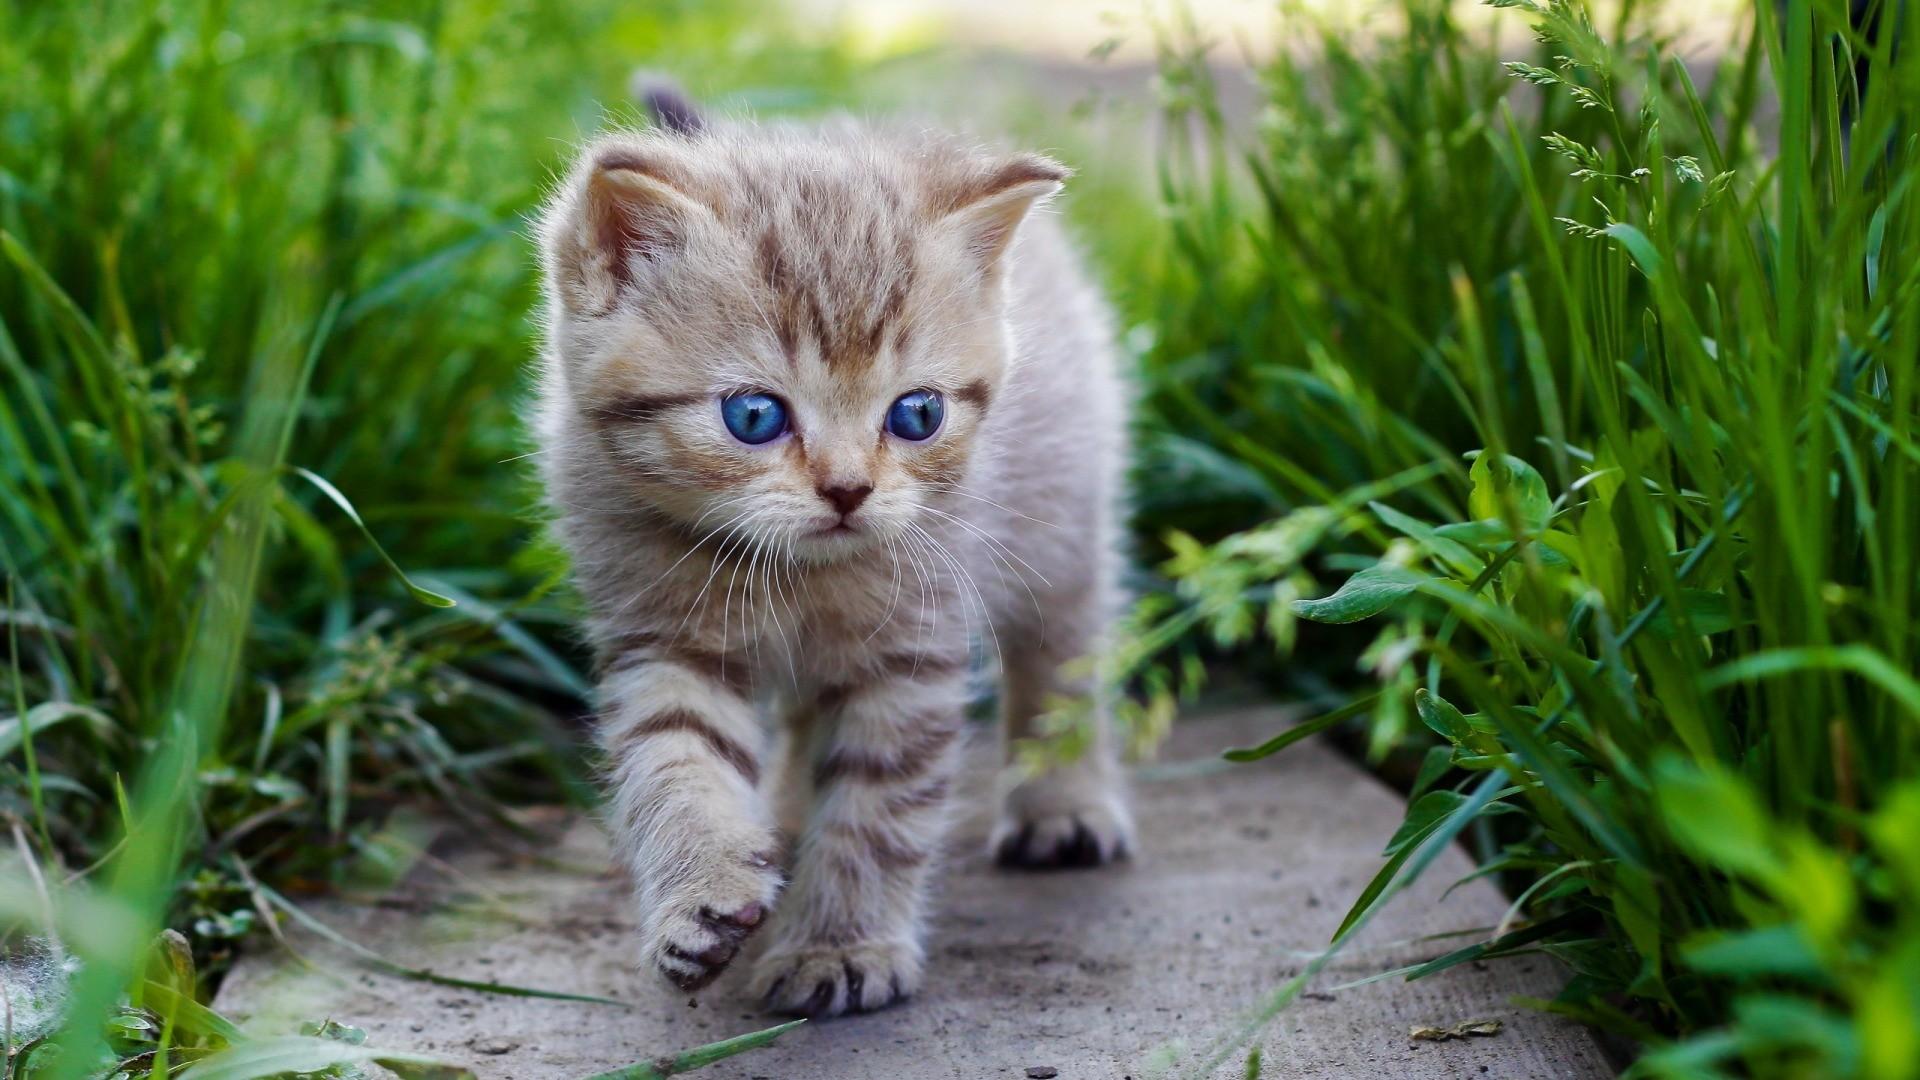 Animals___Cats_Blue-eyed_kitten_is_among_the_grass_097587_.jpg